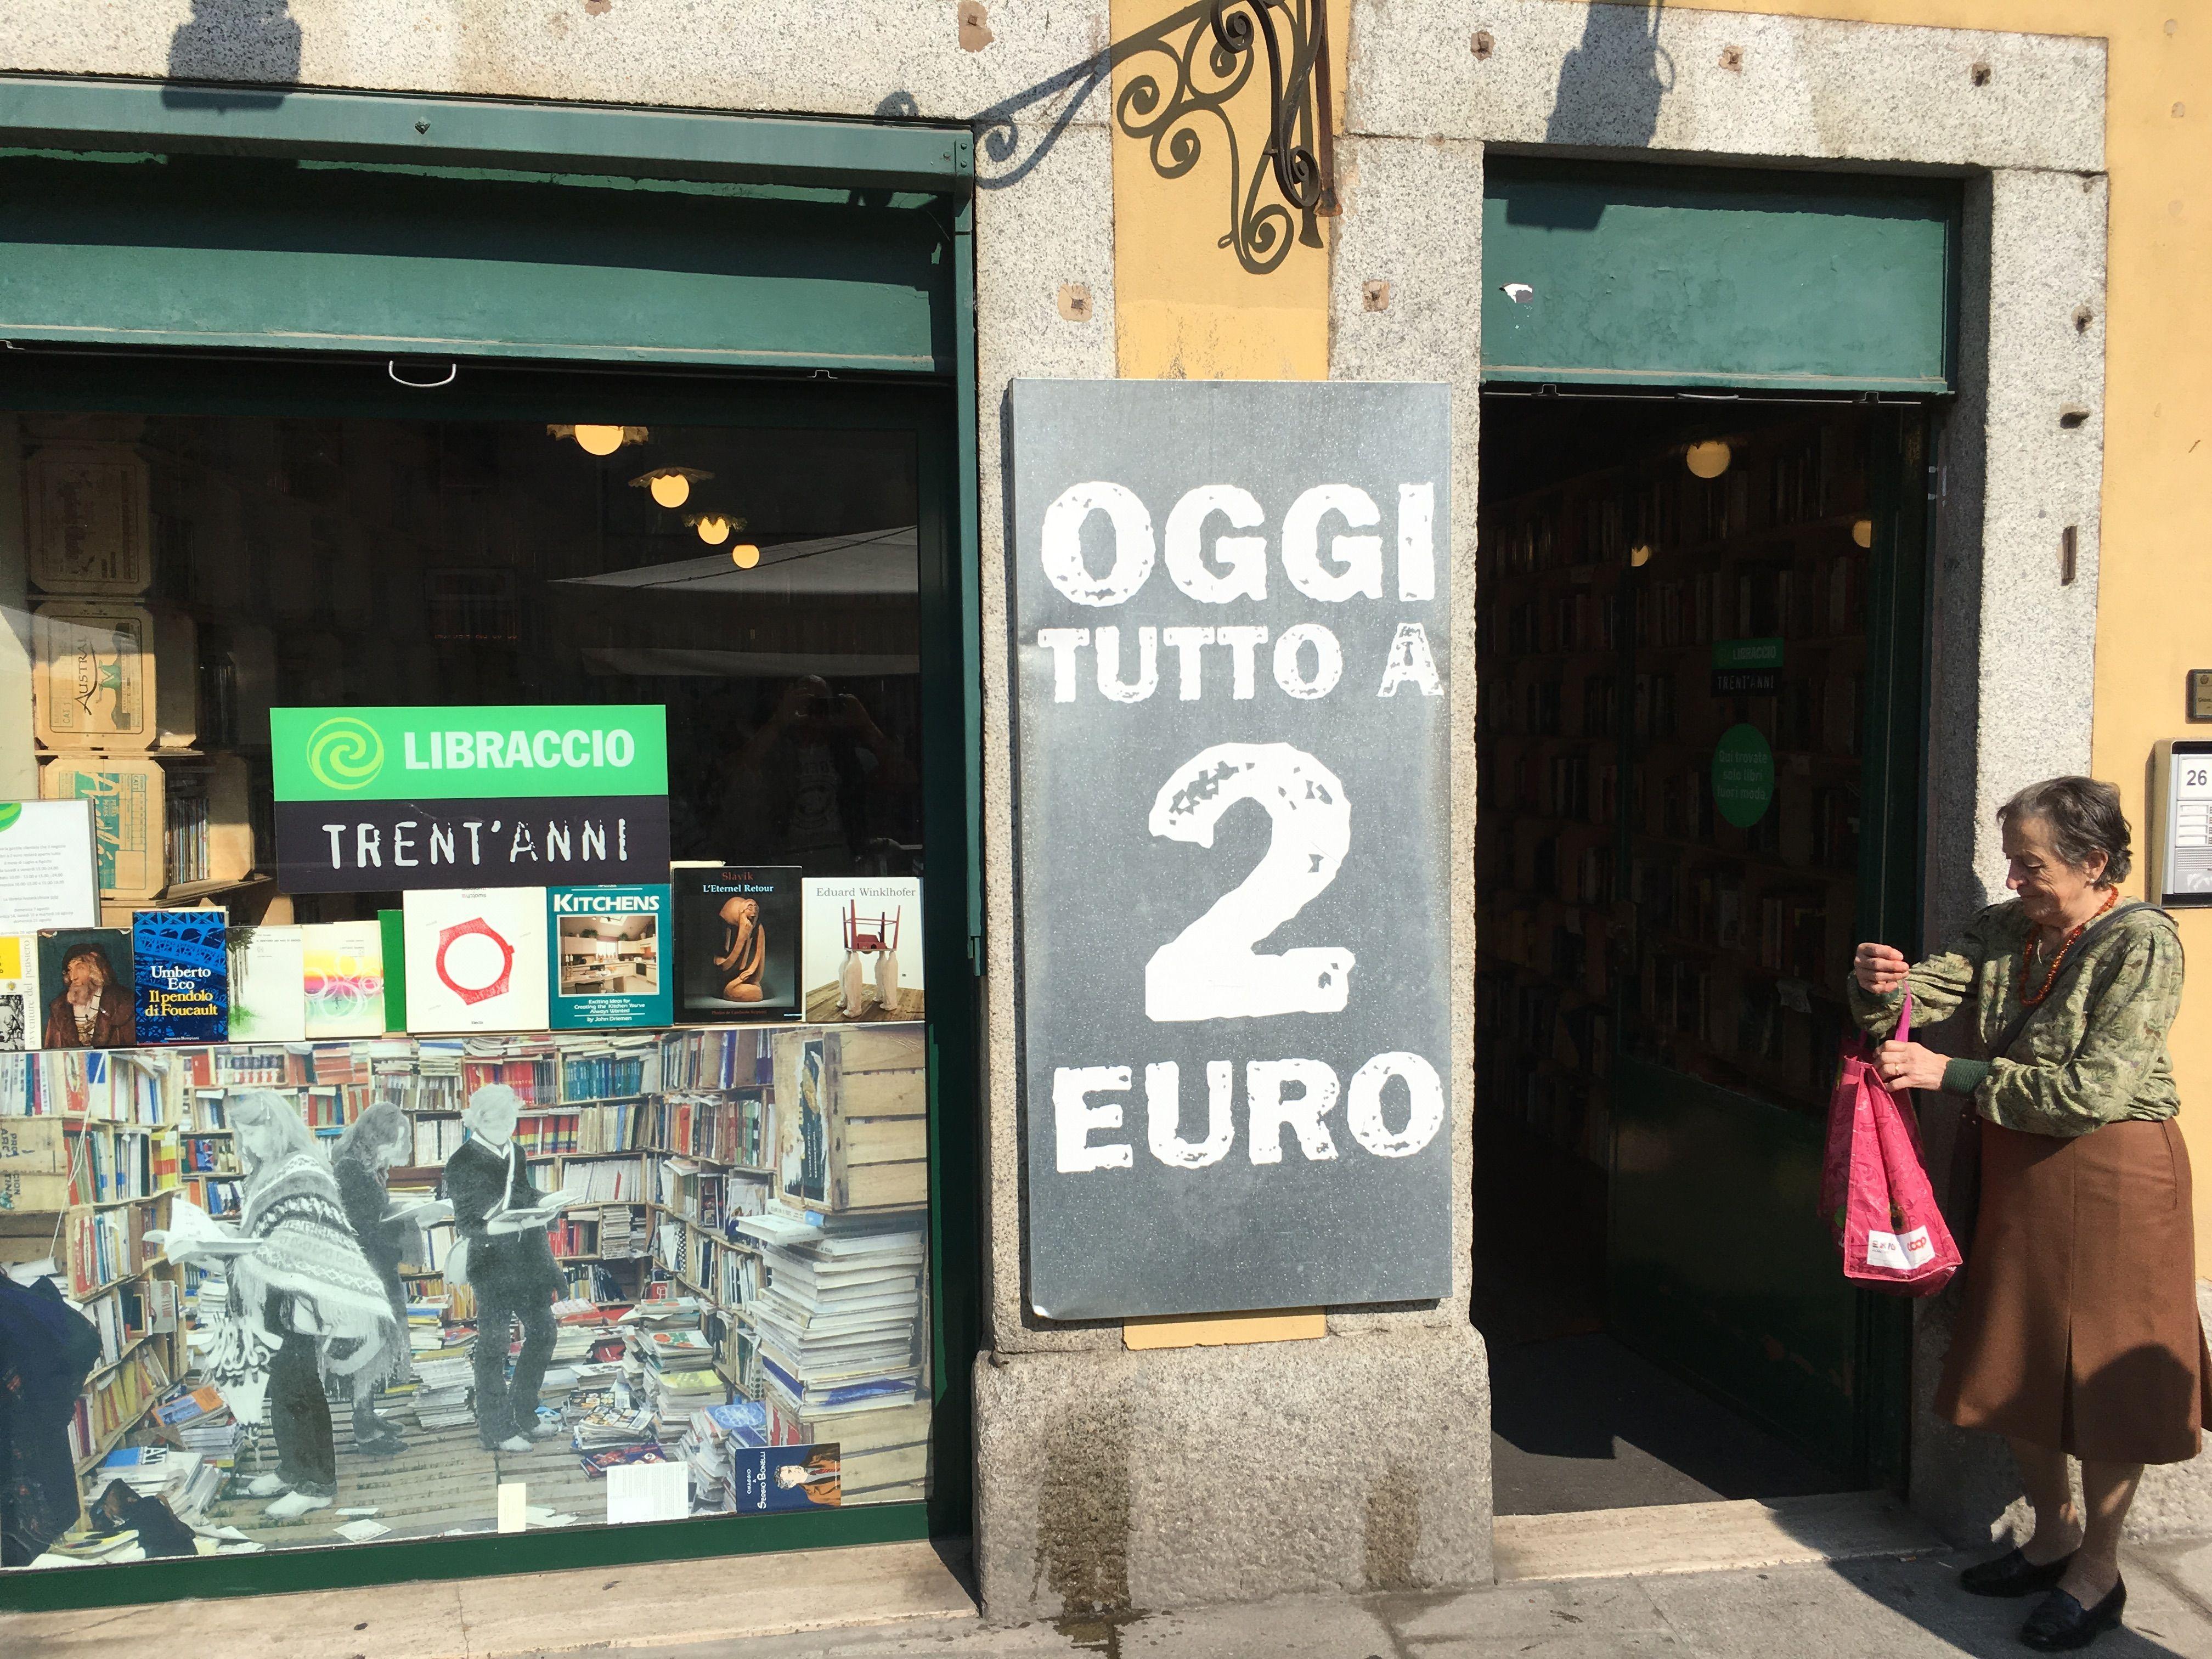 #libraccio #domenica #navigliogrande #Milano